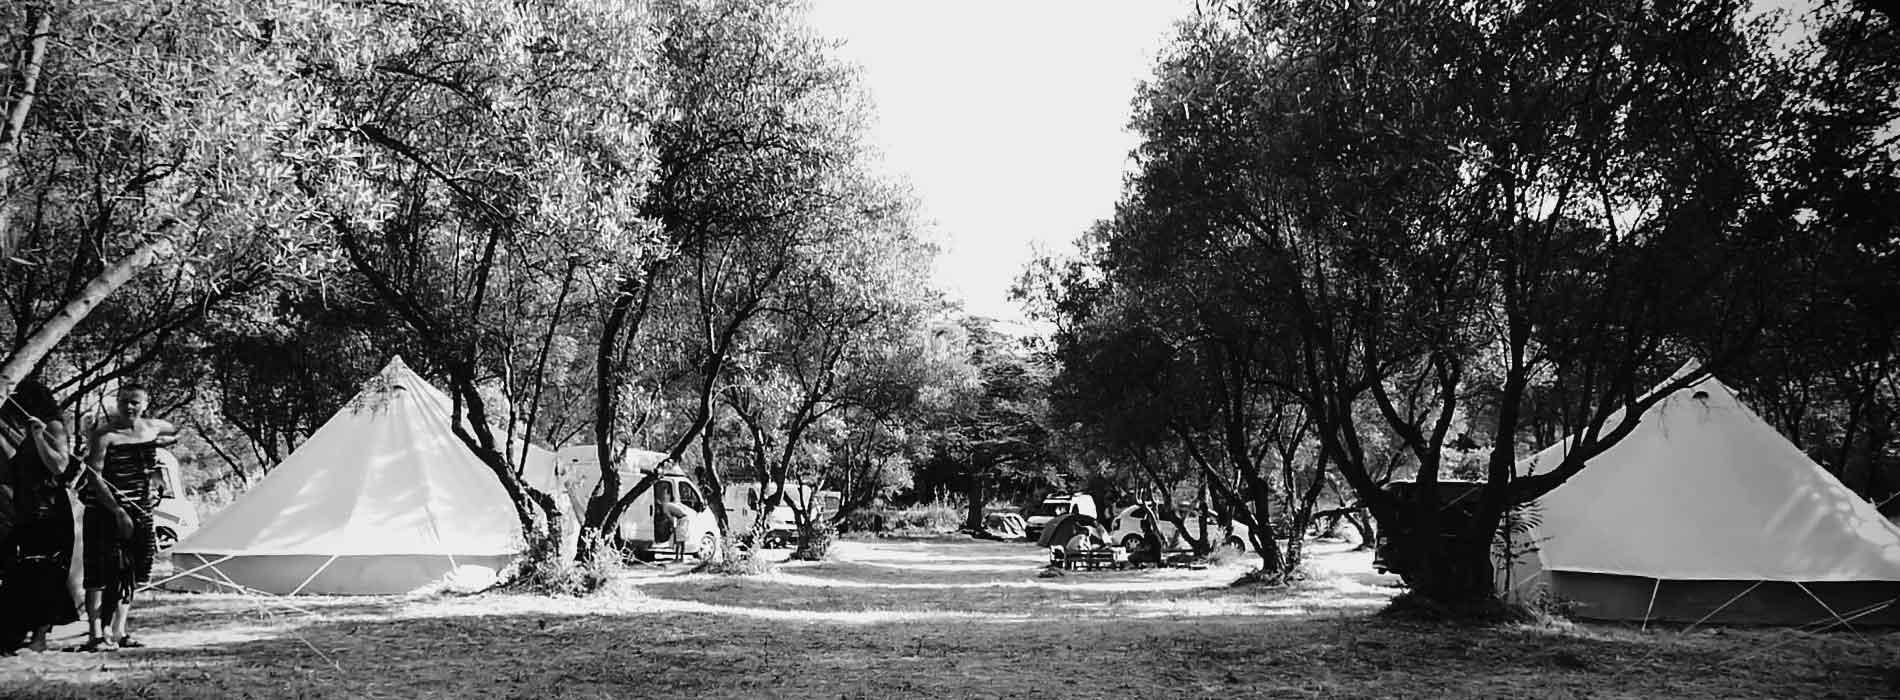 village de tentes pour festival